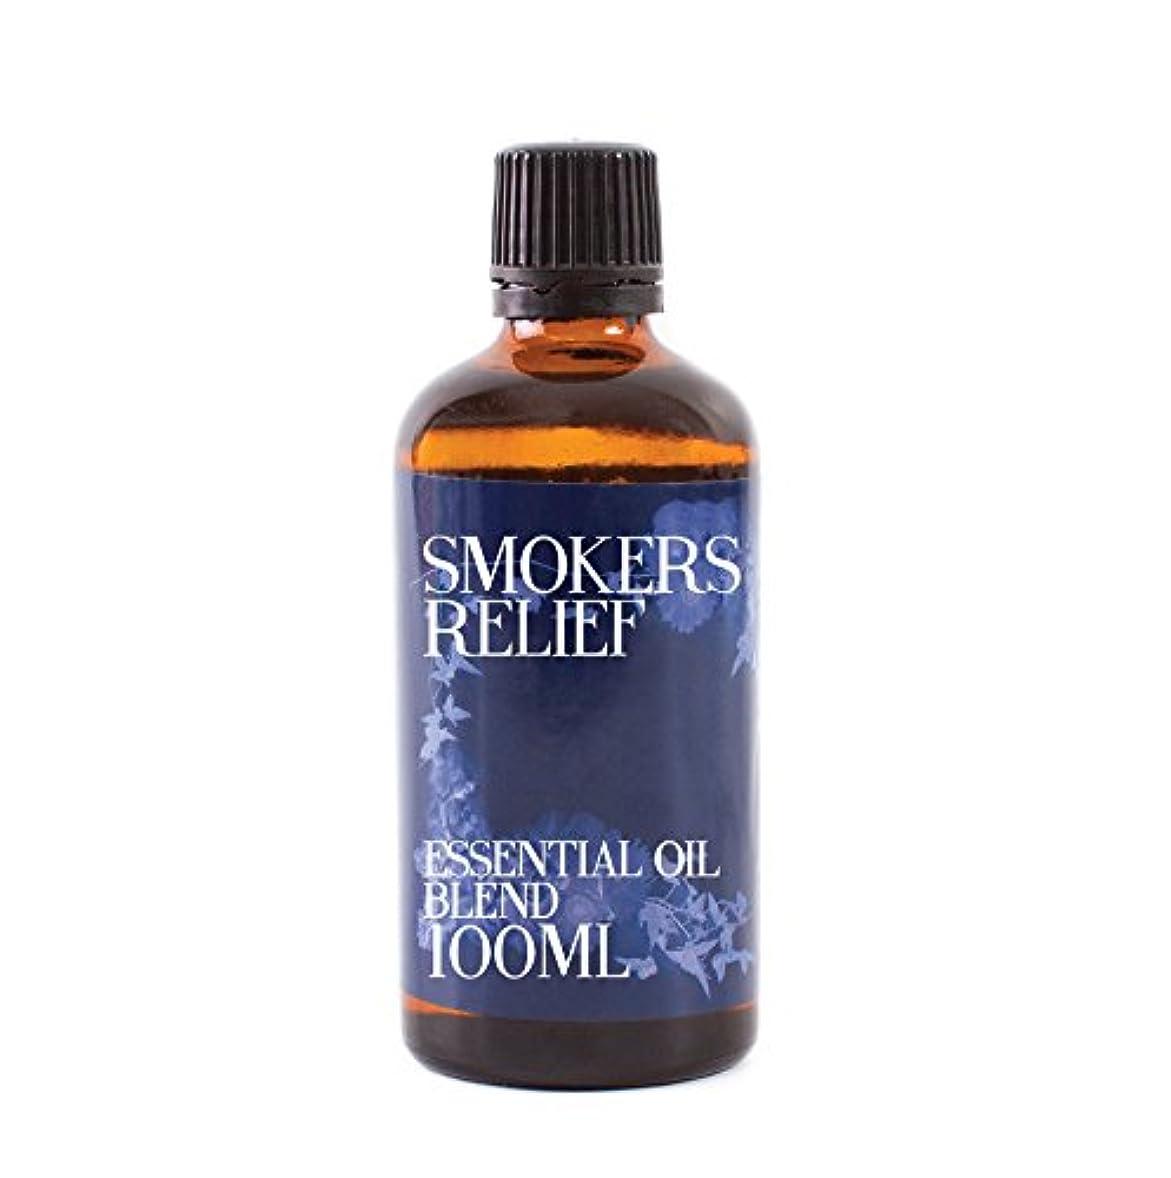 失業者増強パドルMystix London | Smokers Relief Essential Oil Blend - 100ml - 100% Pure